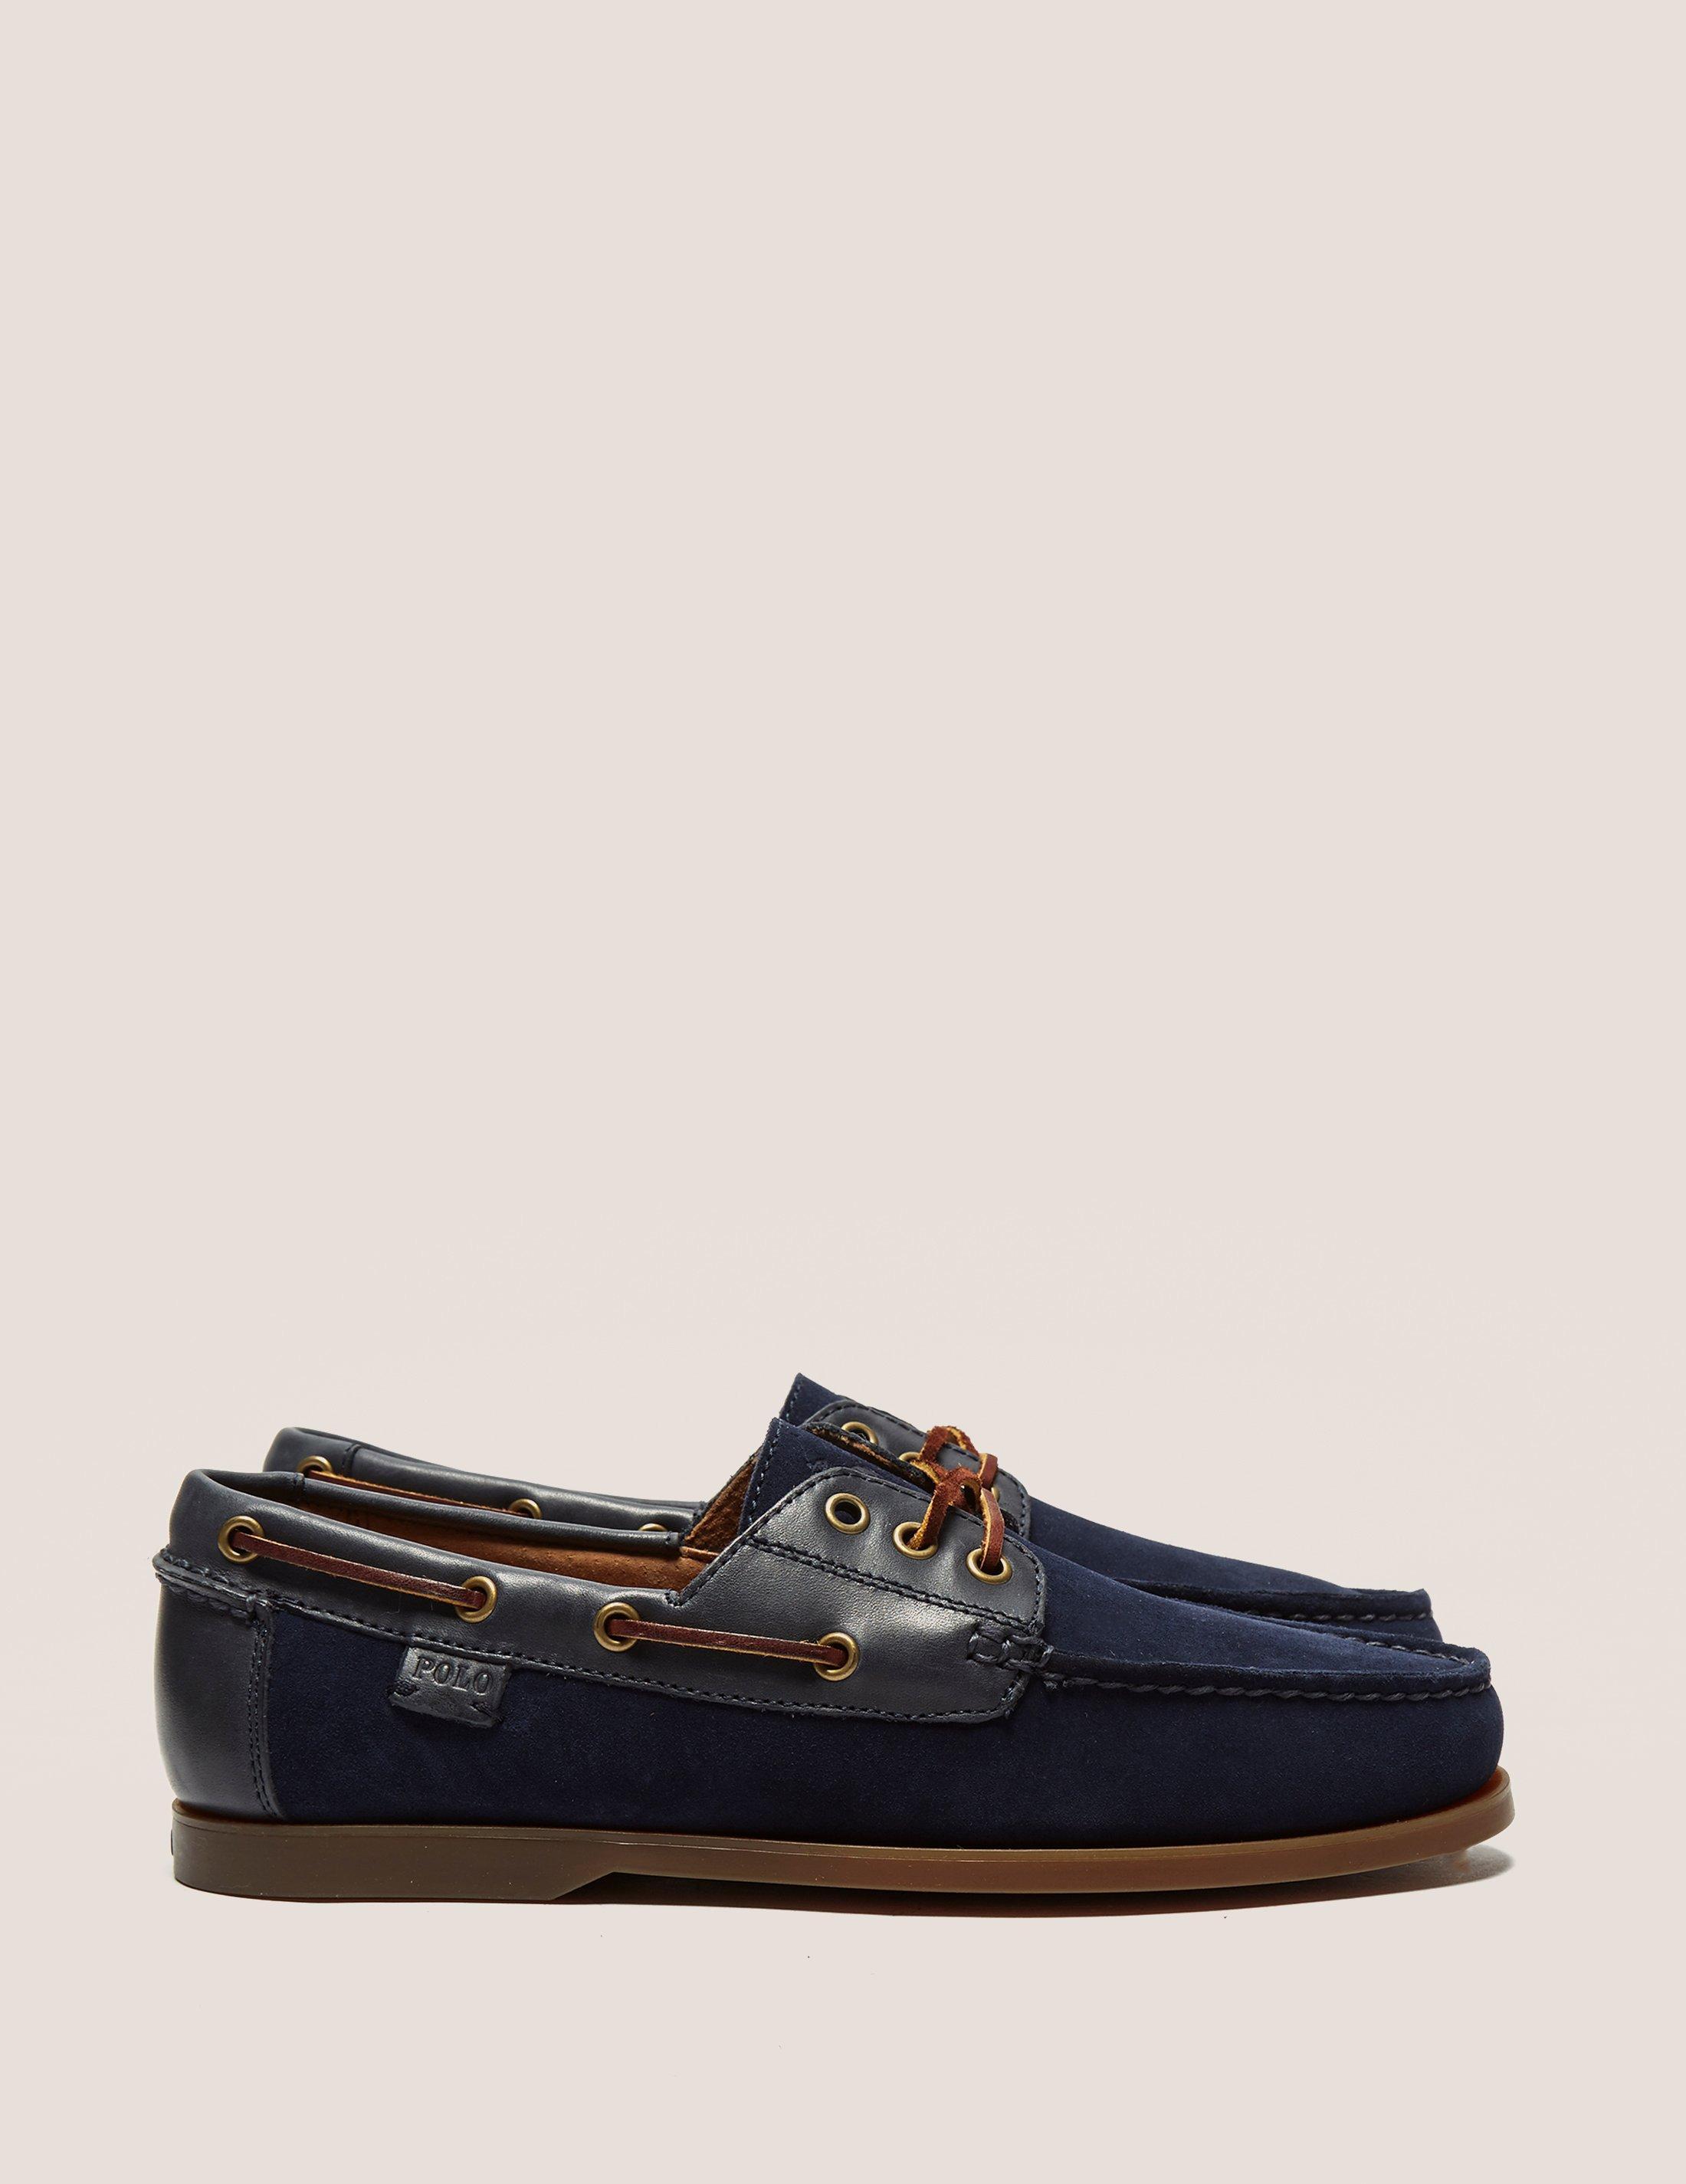 Polo Ralph Lauren Boat Shoes Blue Bienne